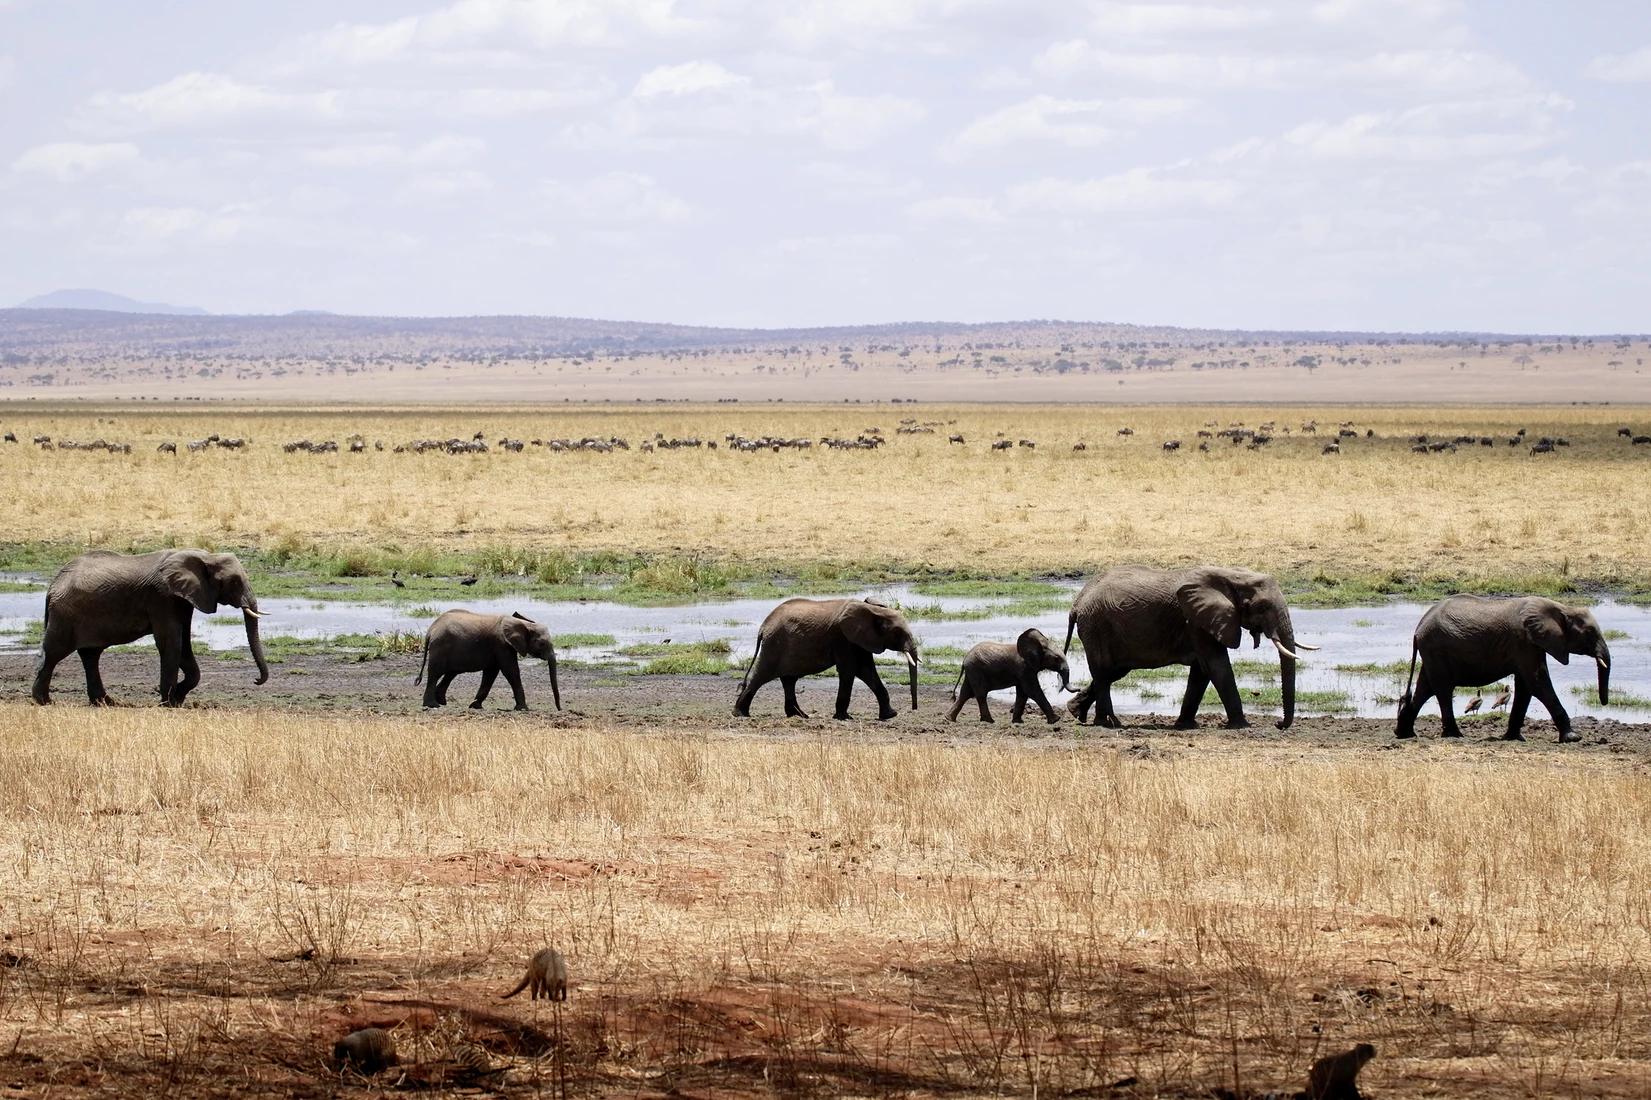 И тебя посчитают: ИИ помогает считать слонов со спутника на орбите